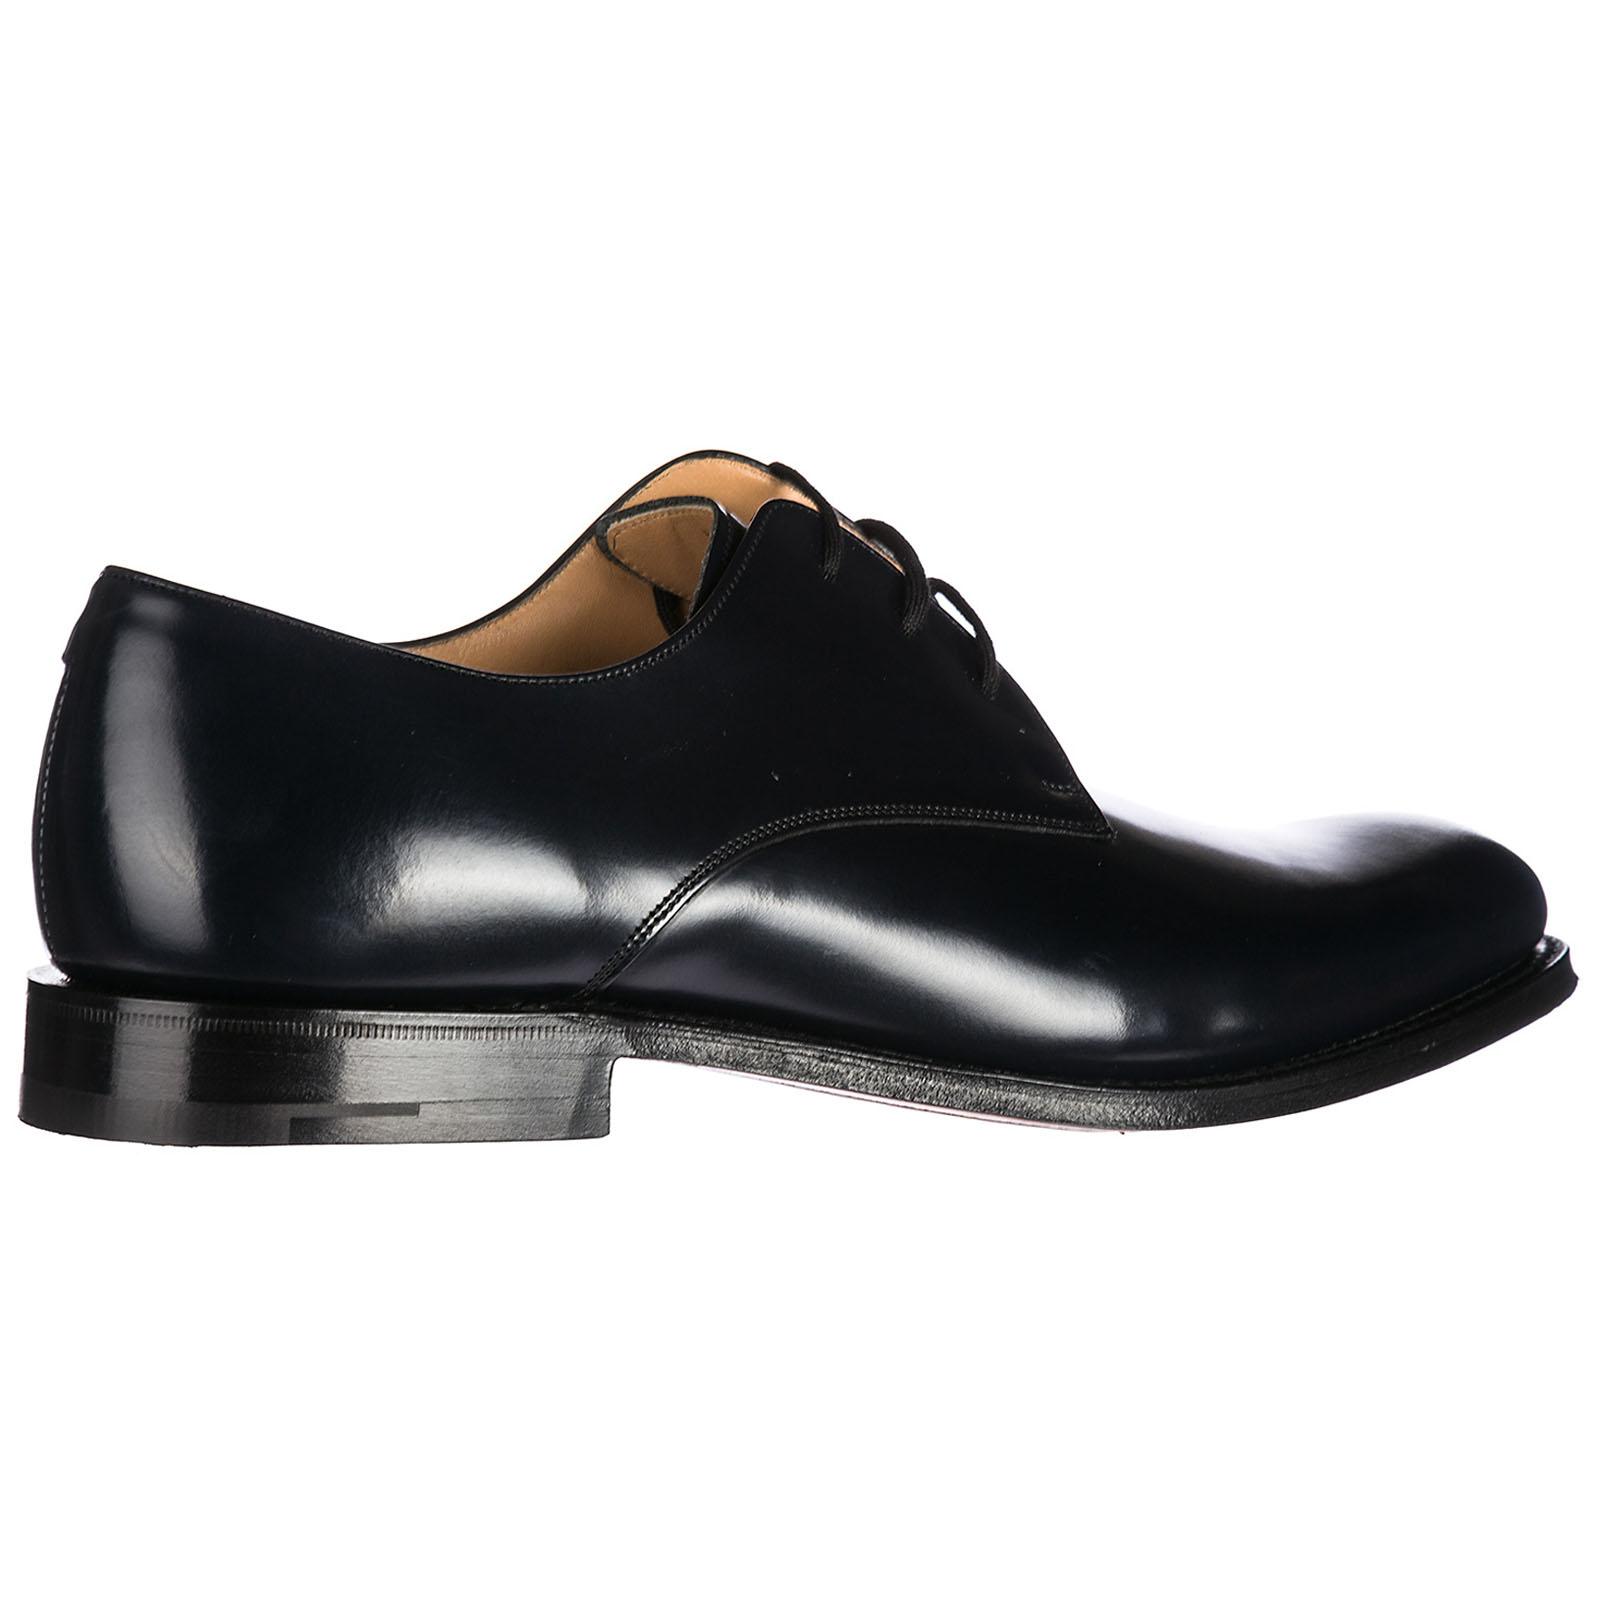 Church's clásico zapatos de cordones en ante hombres nuevo orby blu EU 42 6226 39 ZIxE637